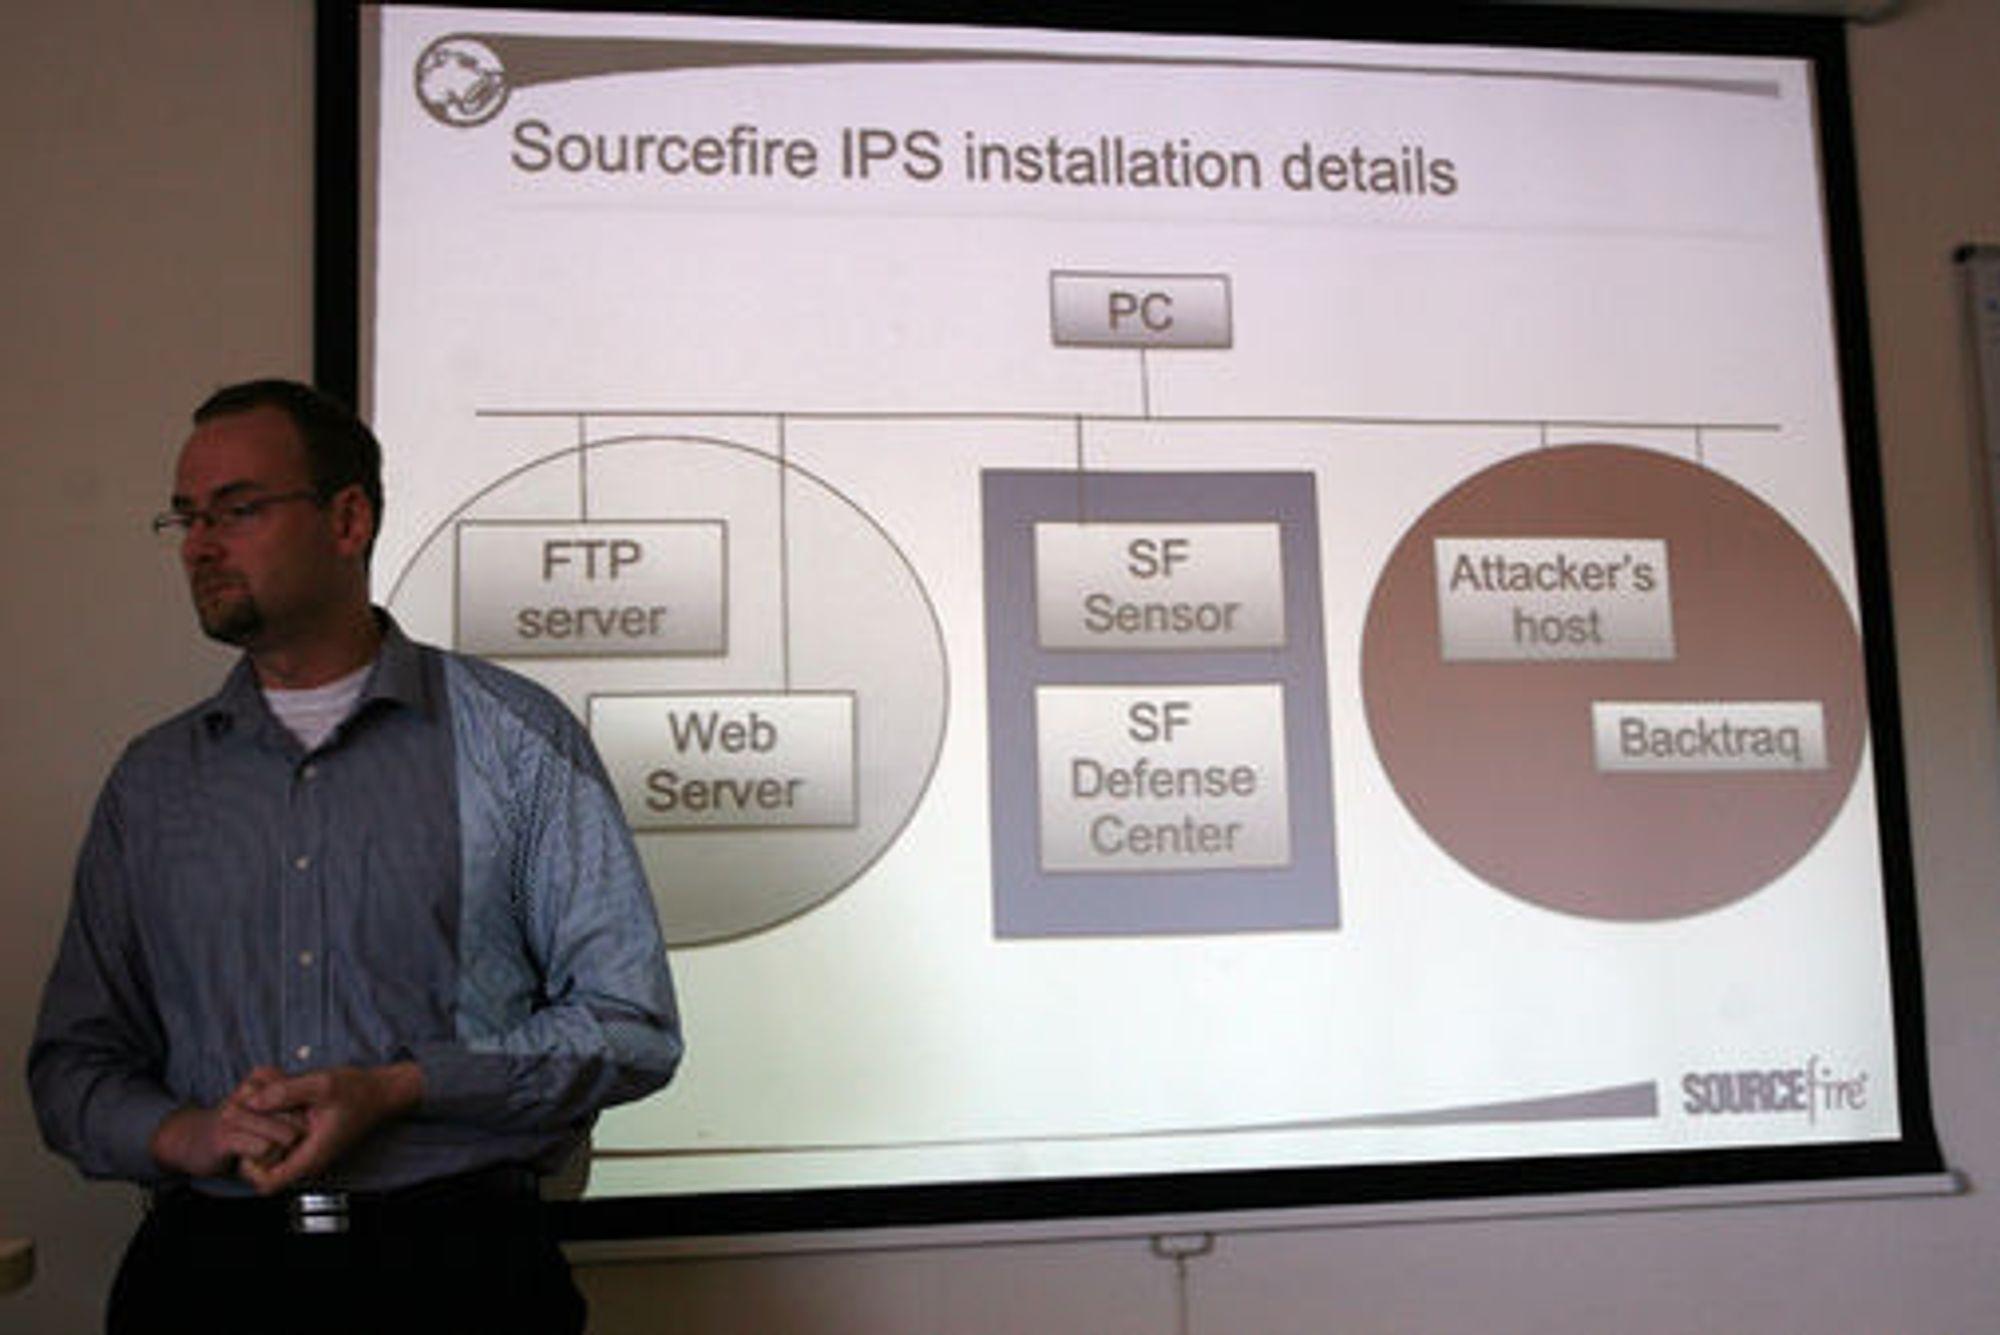 IPS-en som oppdager og eventuelt håndterer innbruddsforsøk plasseres mellom angriperen og din server i nettverket.